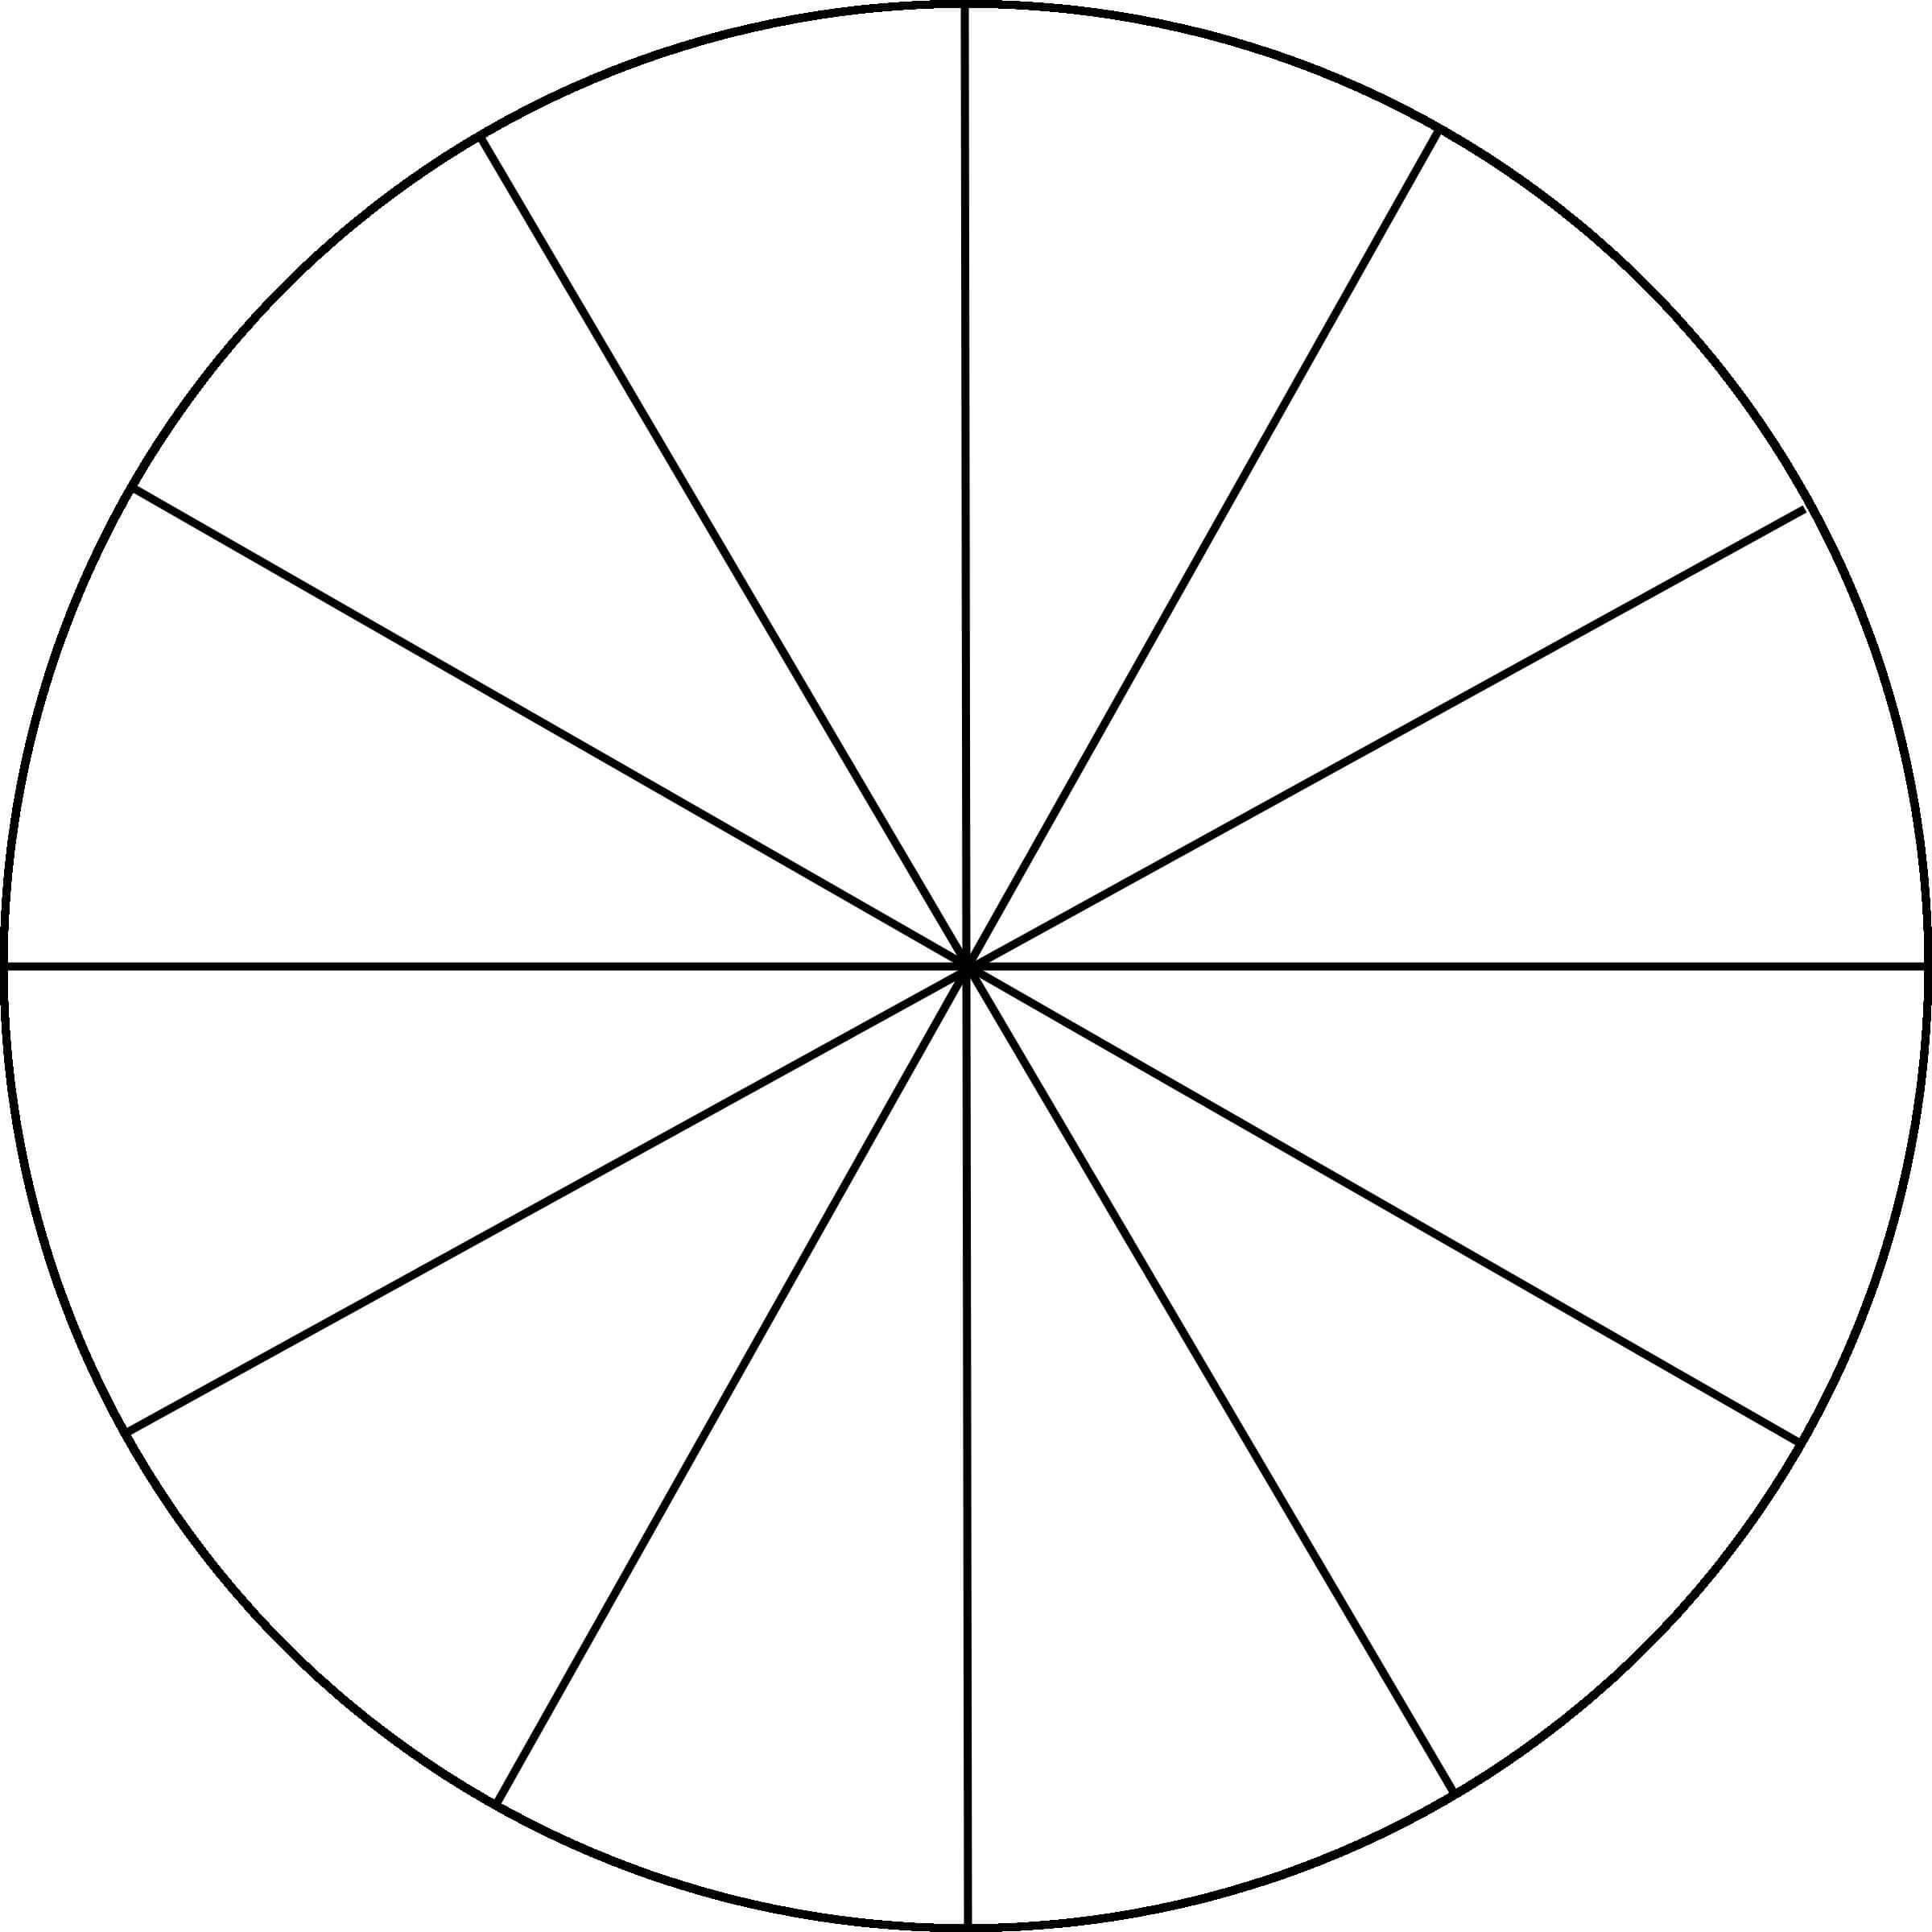 Color Wheel Template | Emotion Color Wheel, Color Wheel Regarding Blank Color Wheel Template